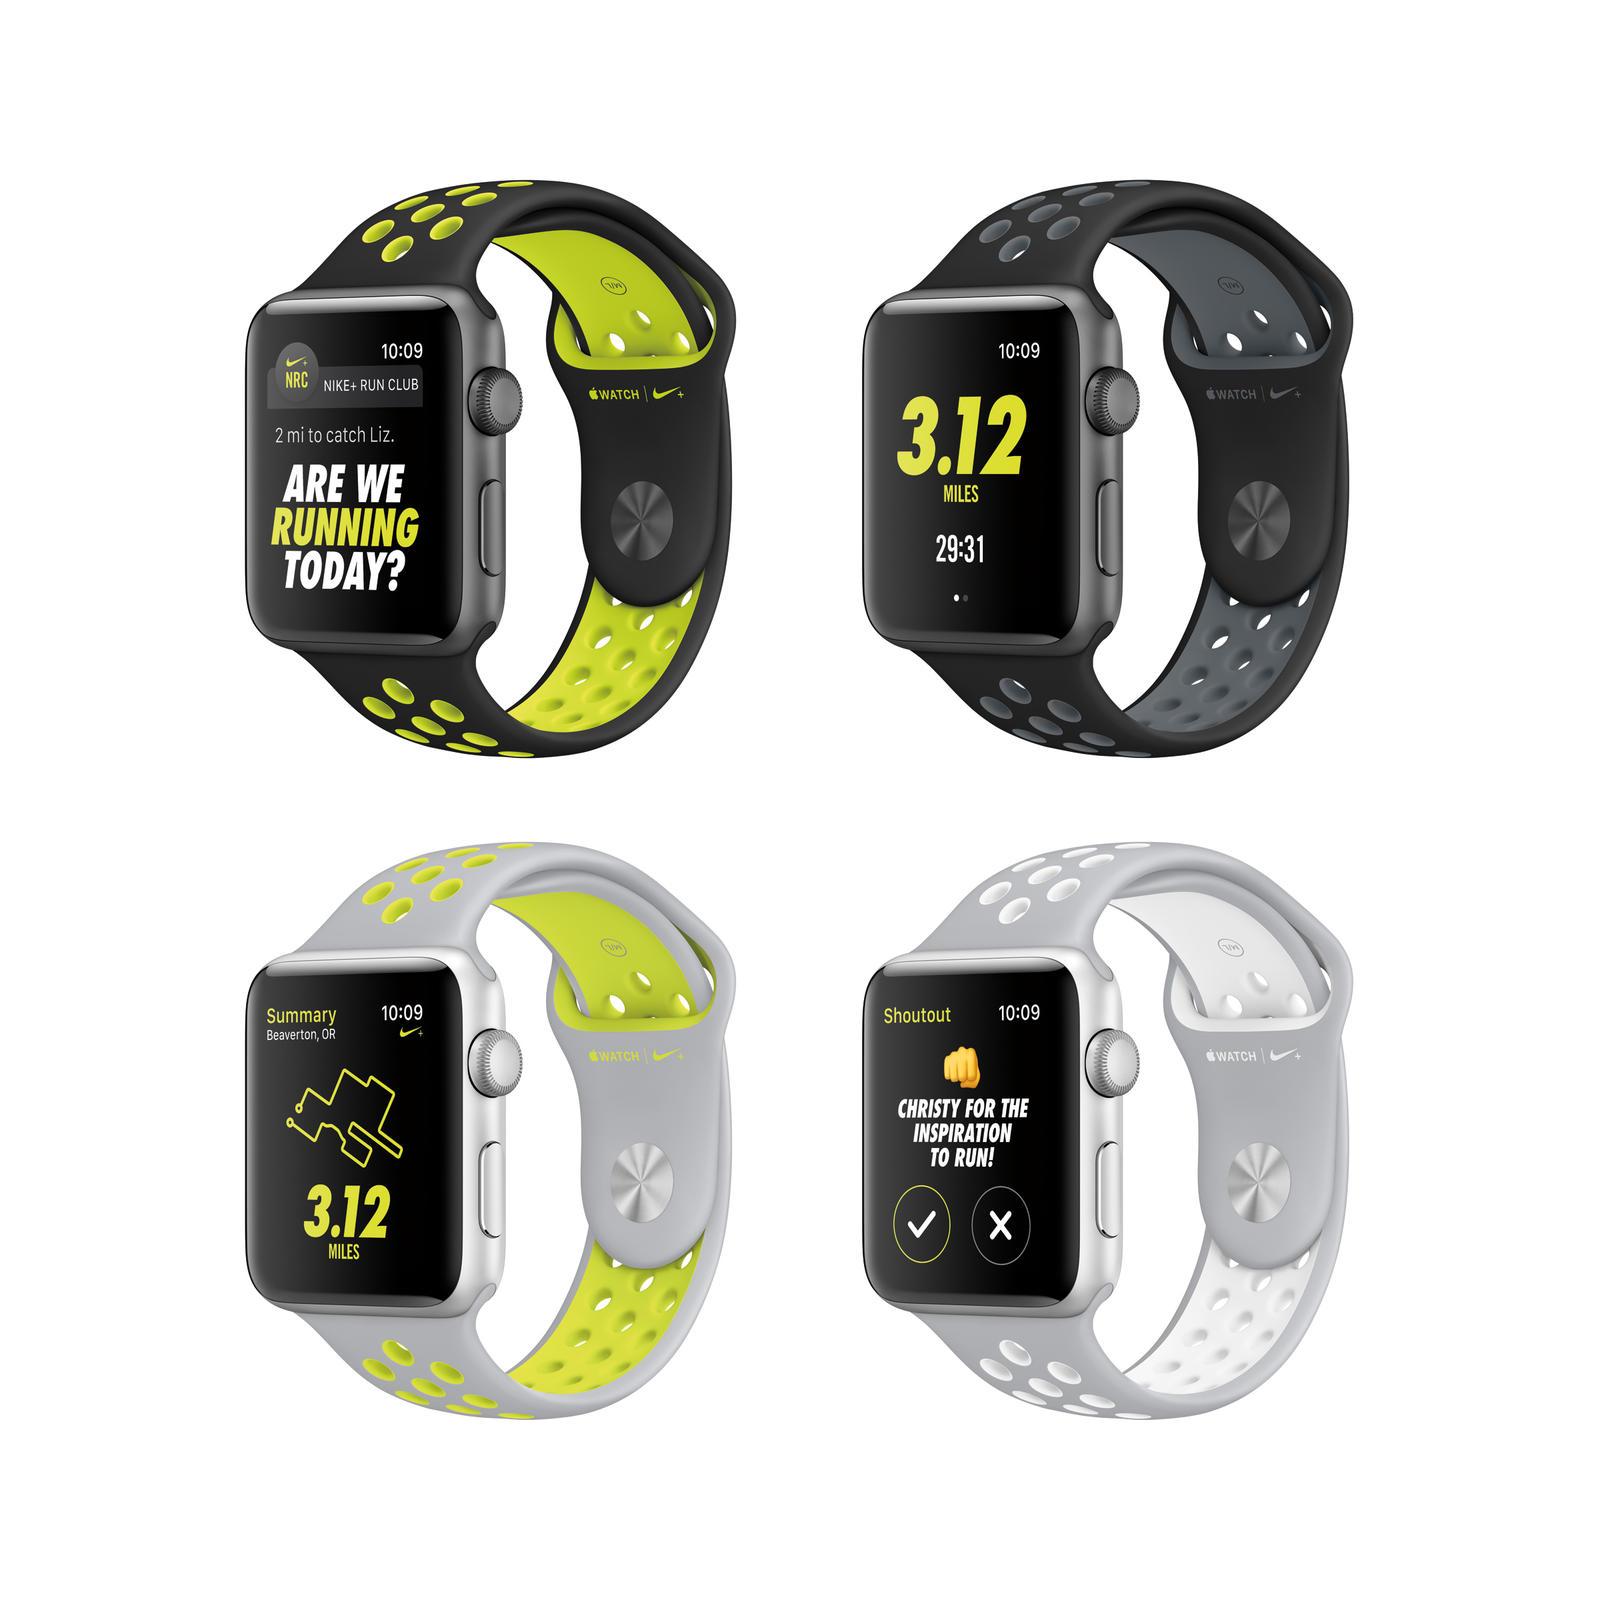 Chuyên Dây Đeo Apple Watch và Phụ Kiện Apple Watch 38mm/42mm - 12